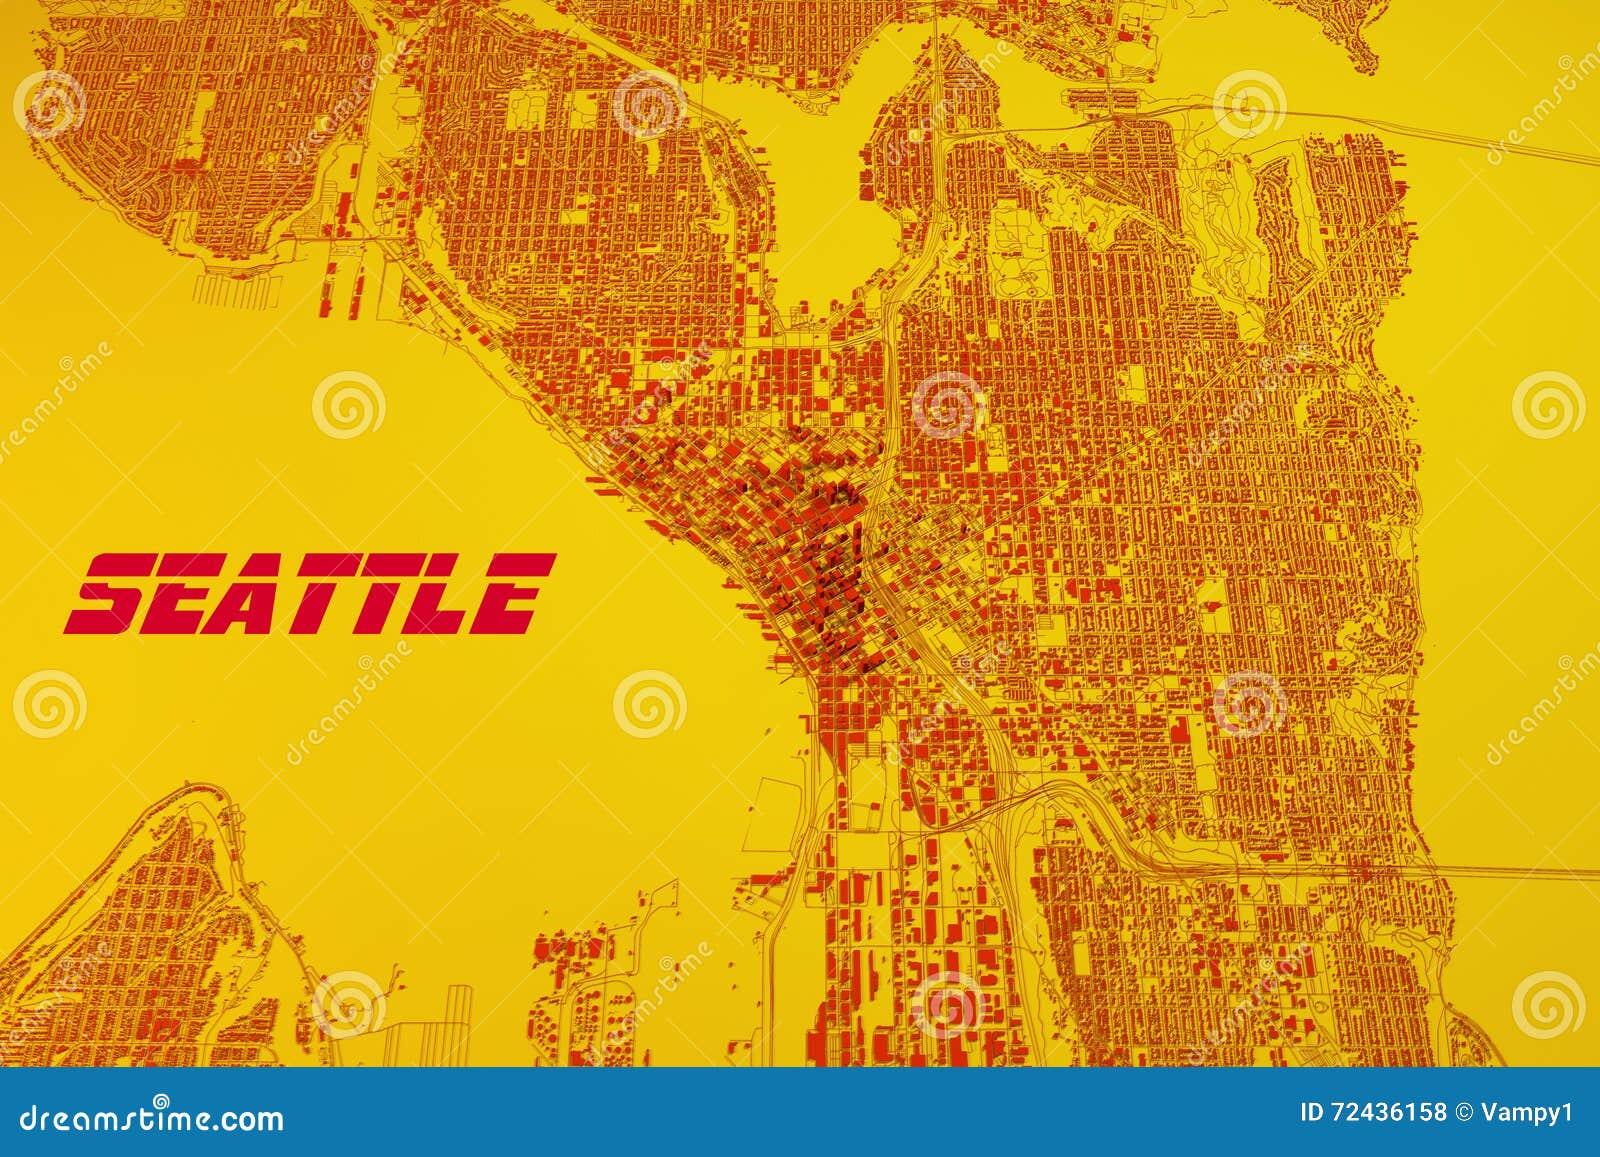 Χάρτης του Σιάτλ, δορυφορική άποψη, Ηνωμένες Πολιτείες